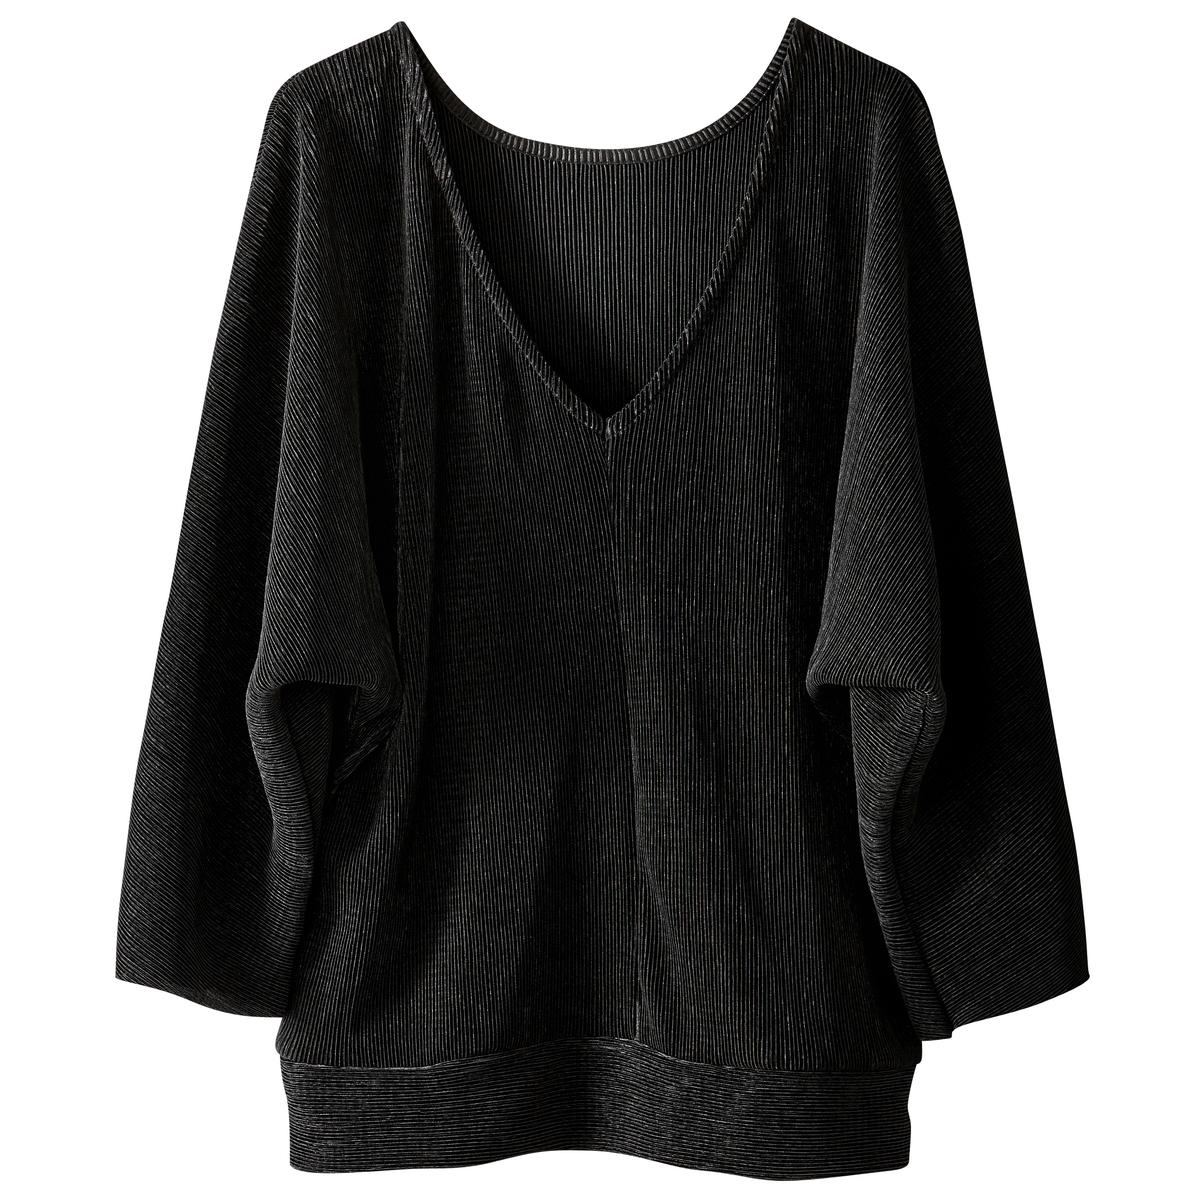 Blusa lisa e direita com gola redonda, mangas compridas